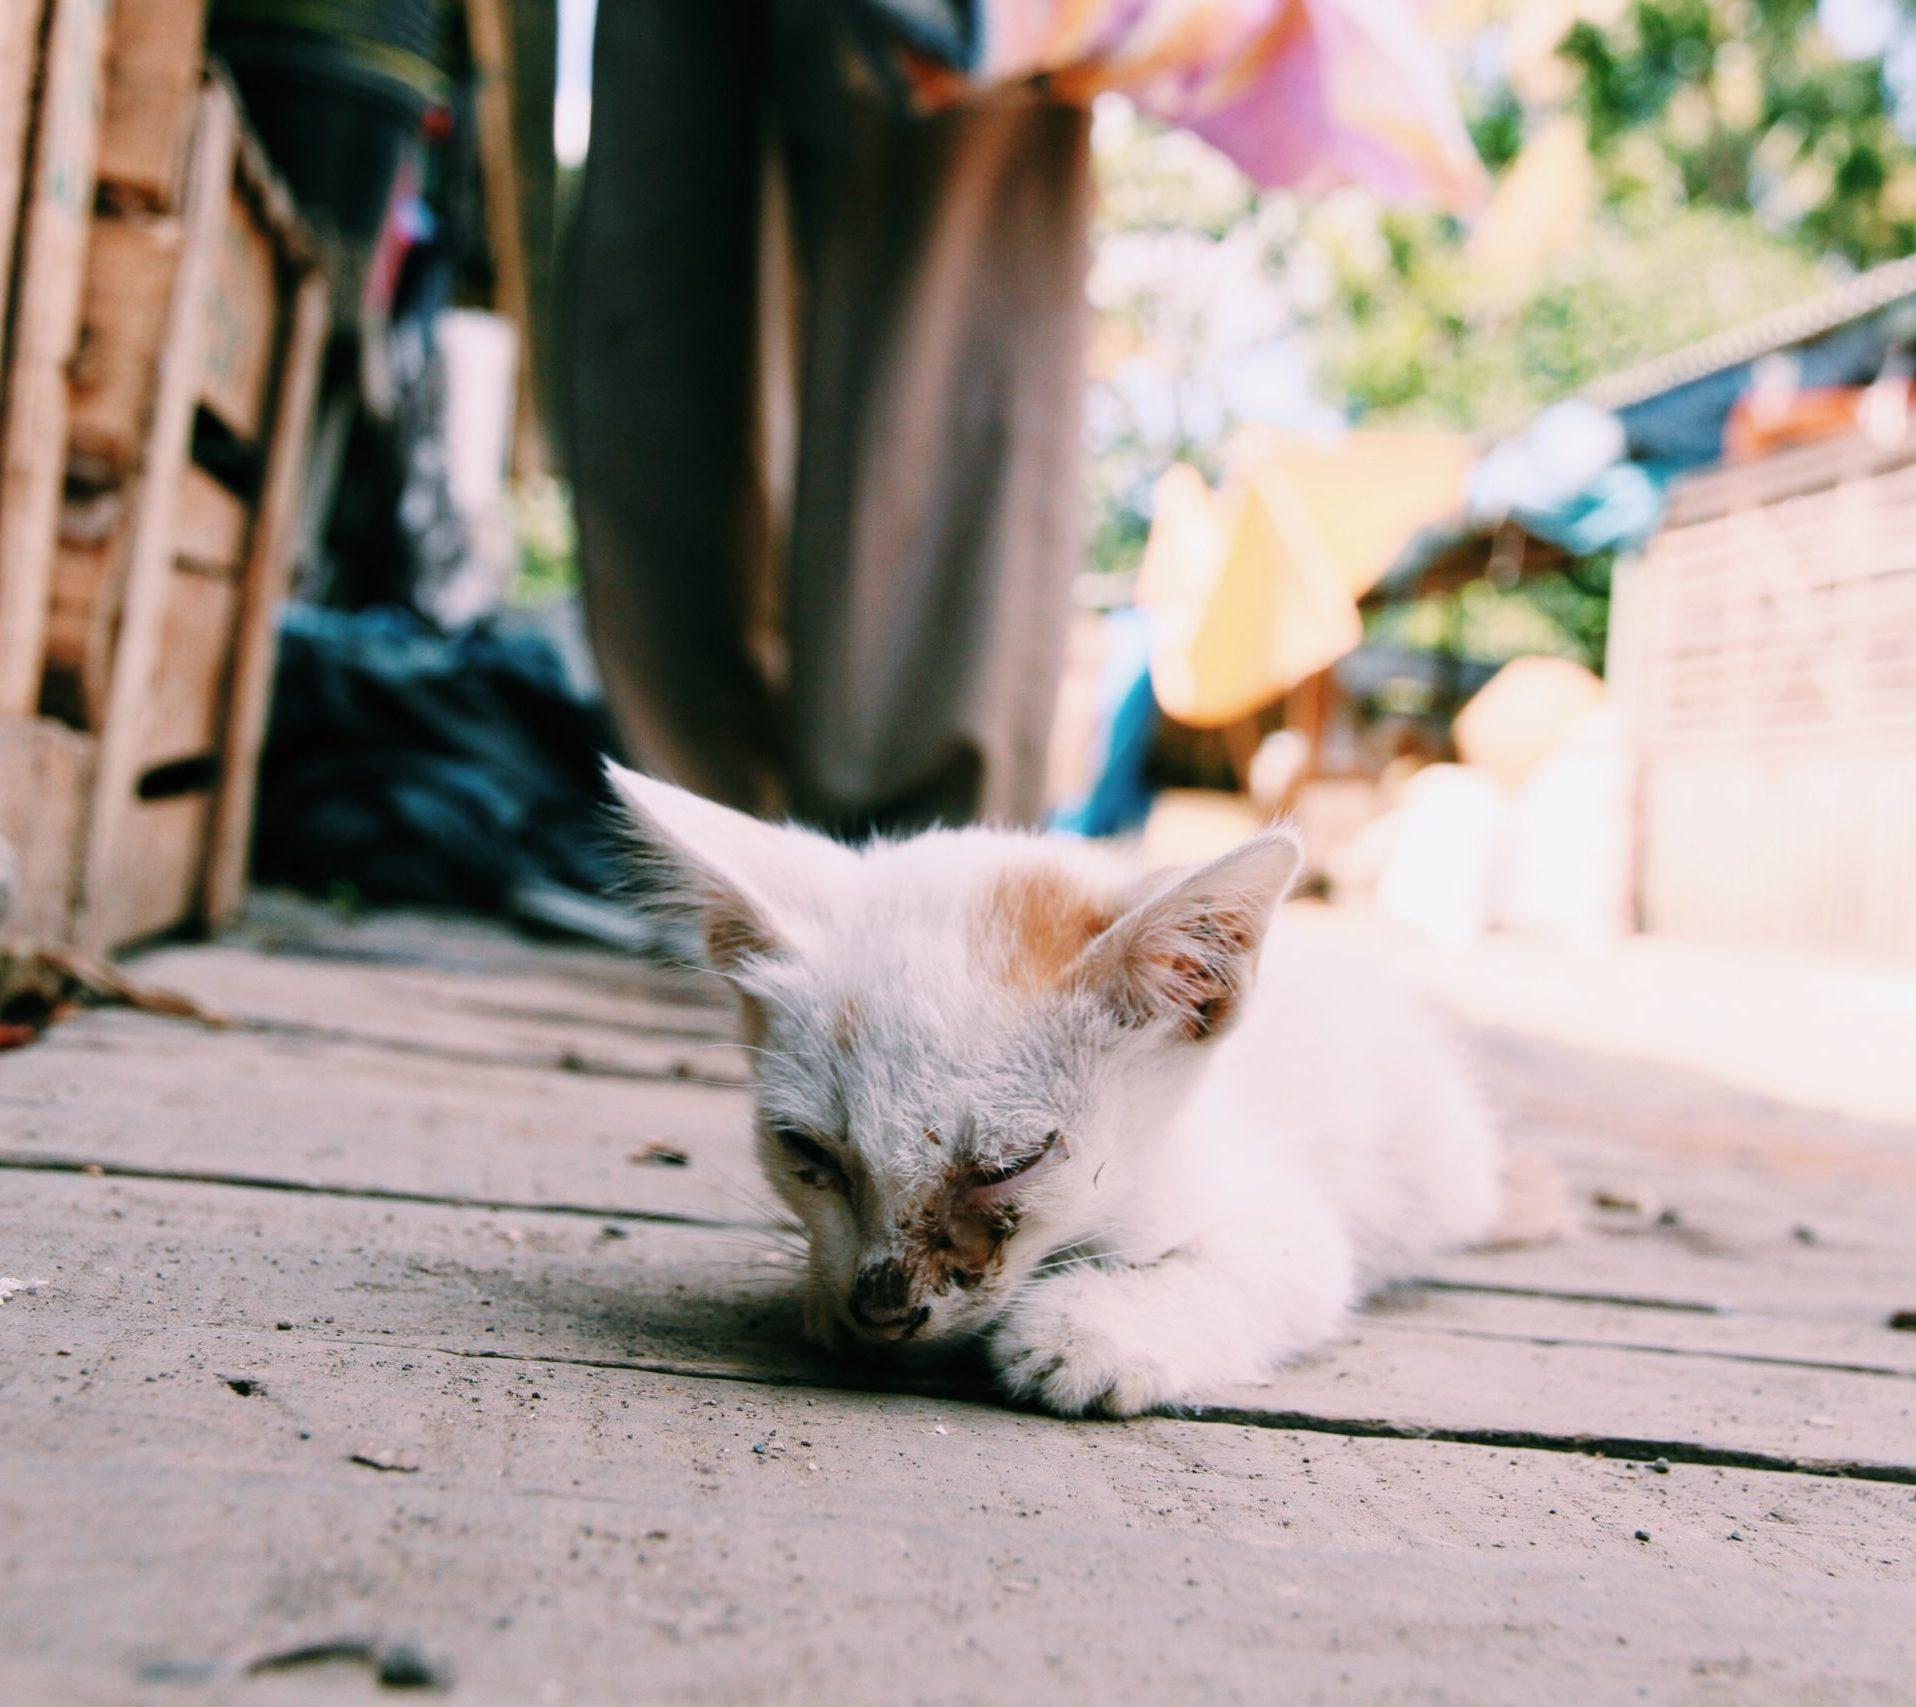 A sick little kitten